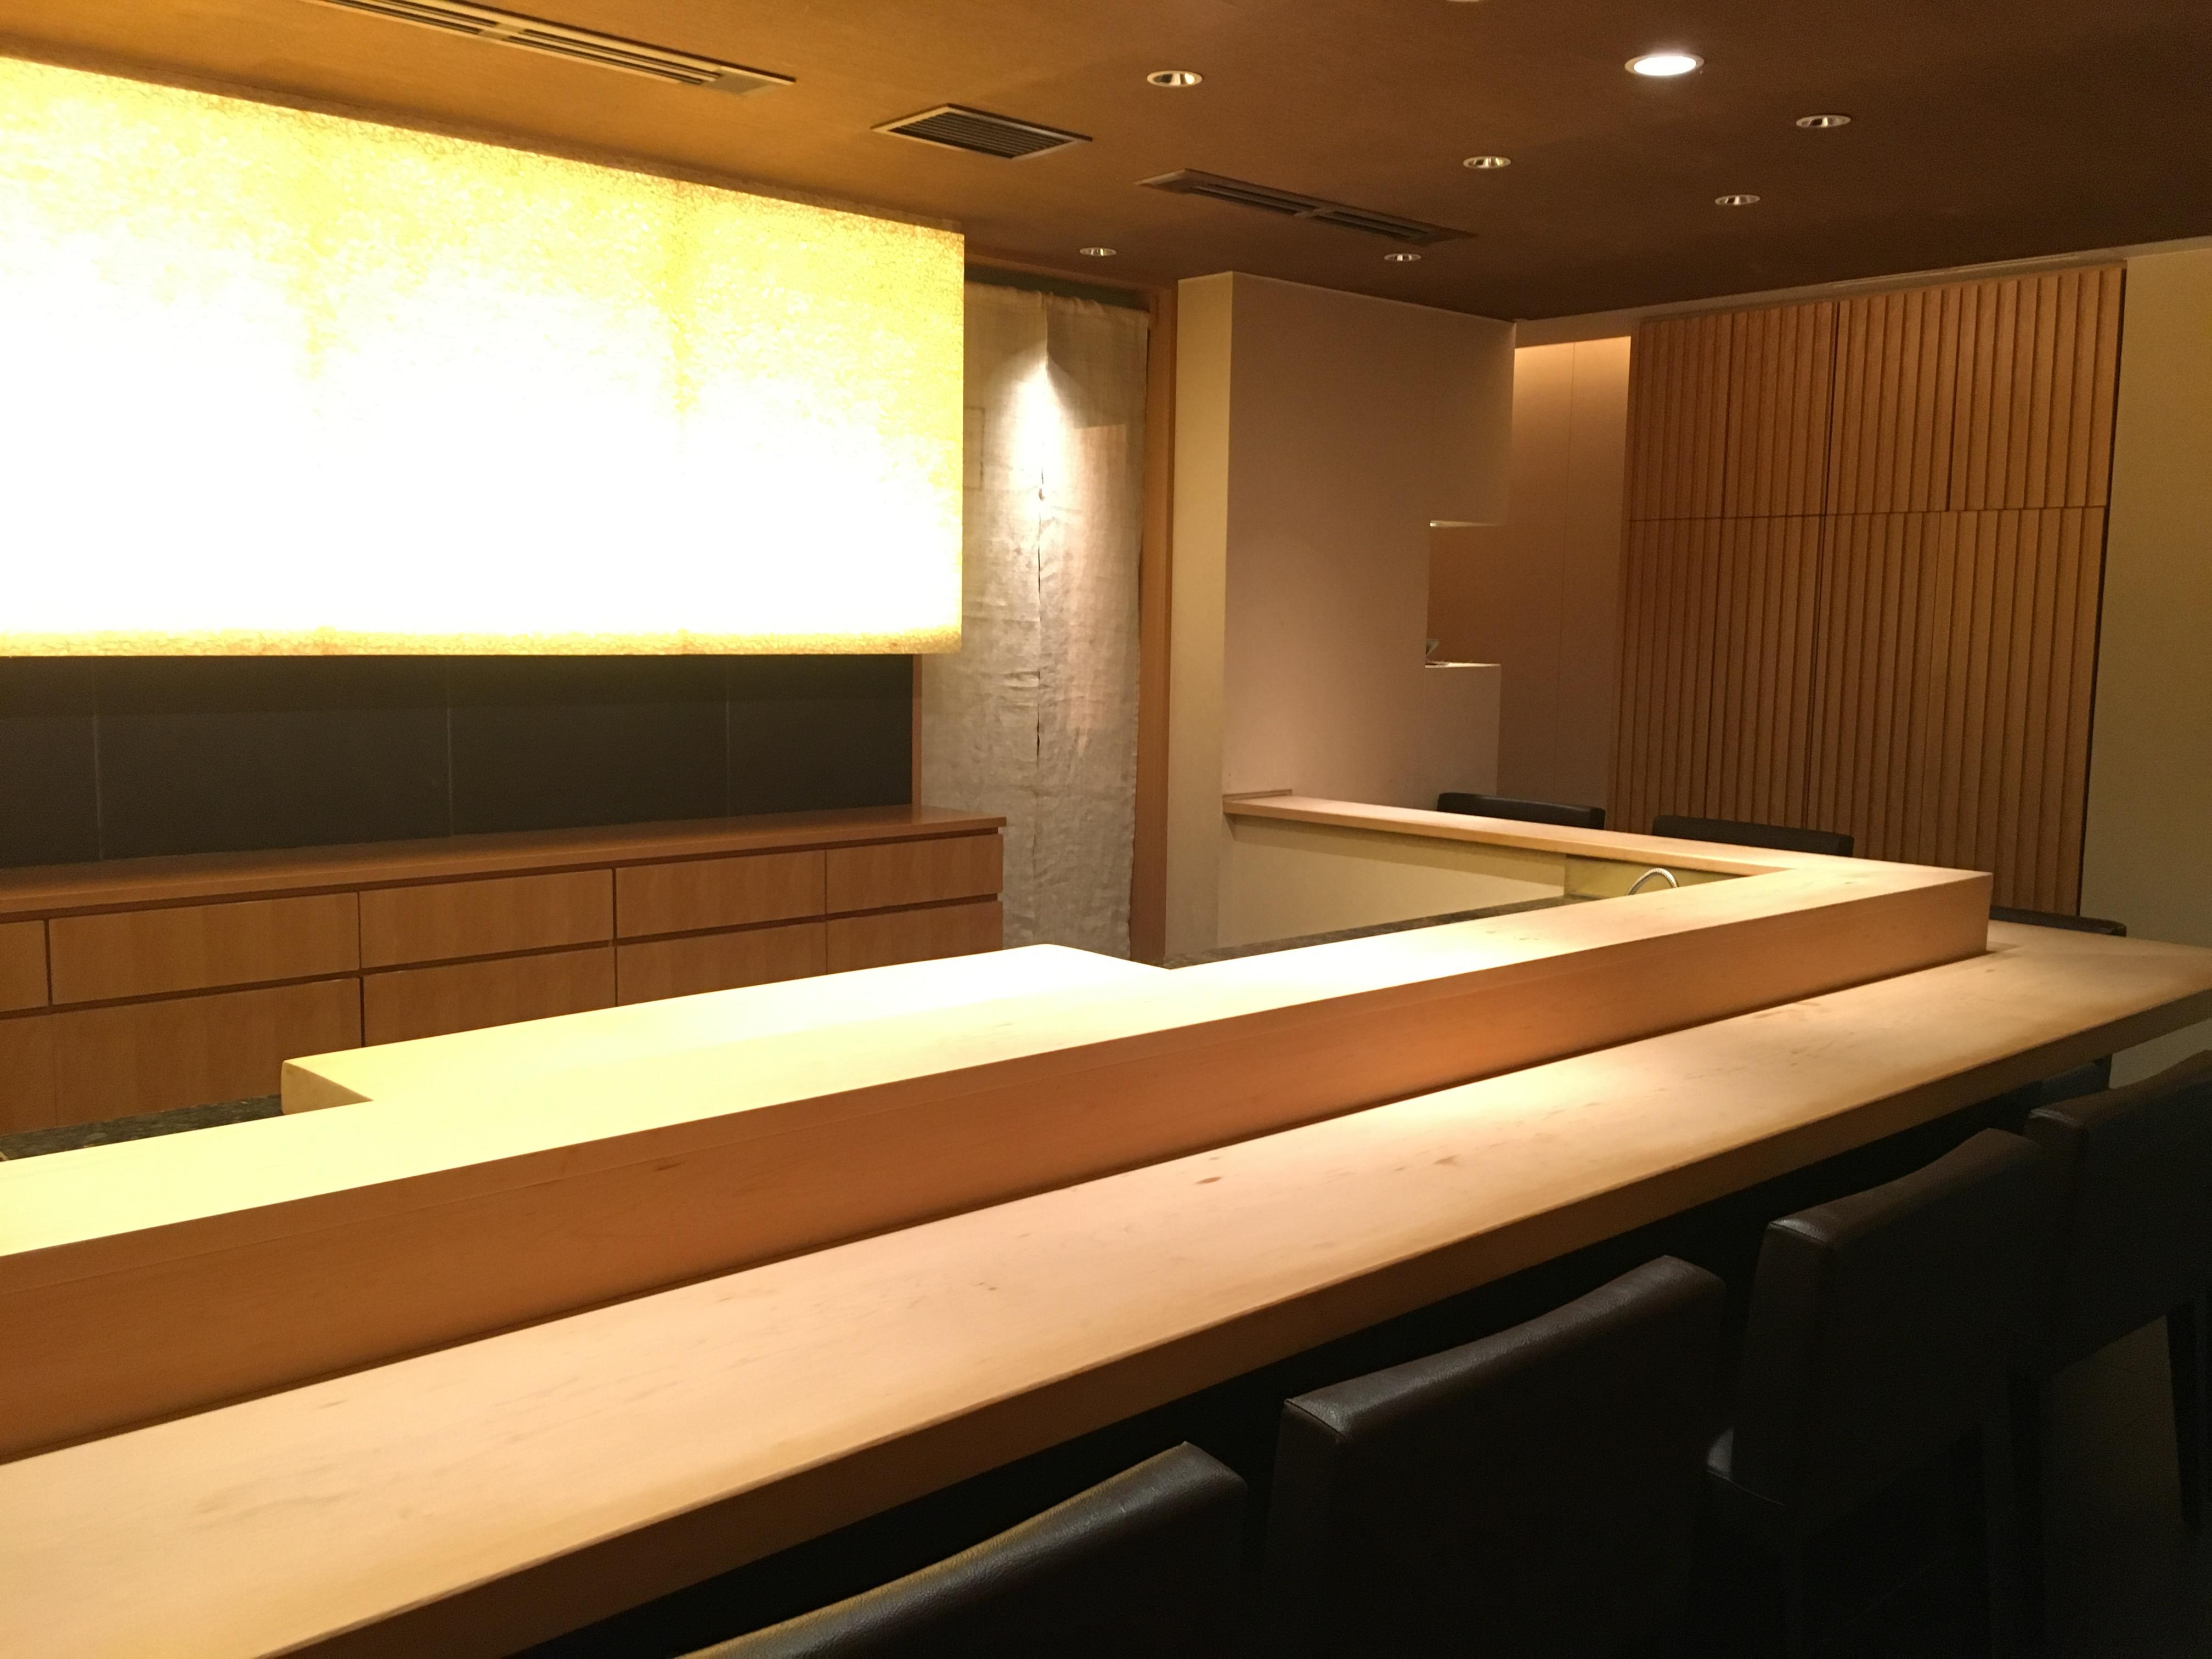 【東京・赤坂】世界中の人々を魅了する高級鮨店の募集